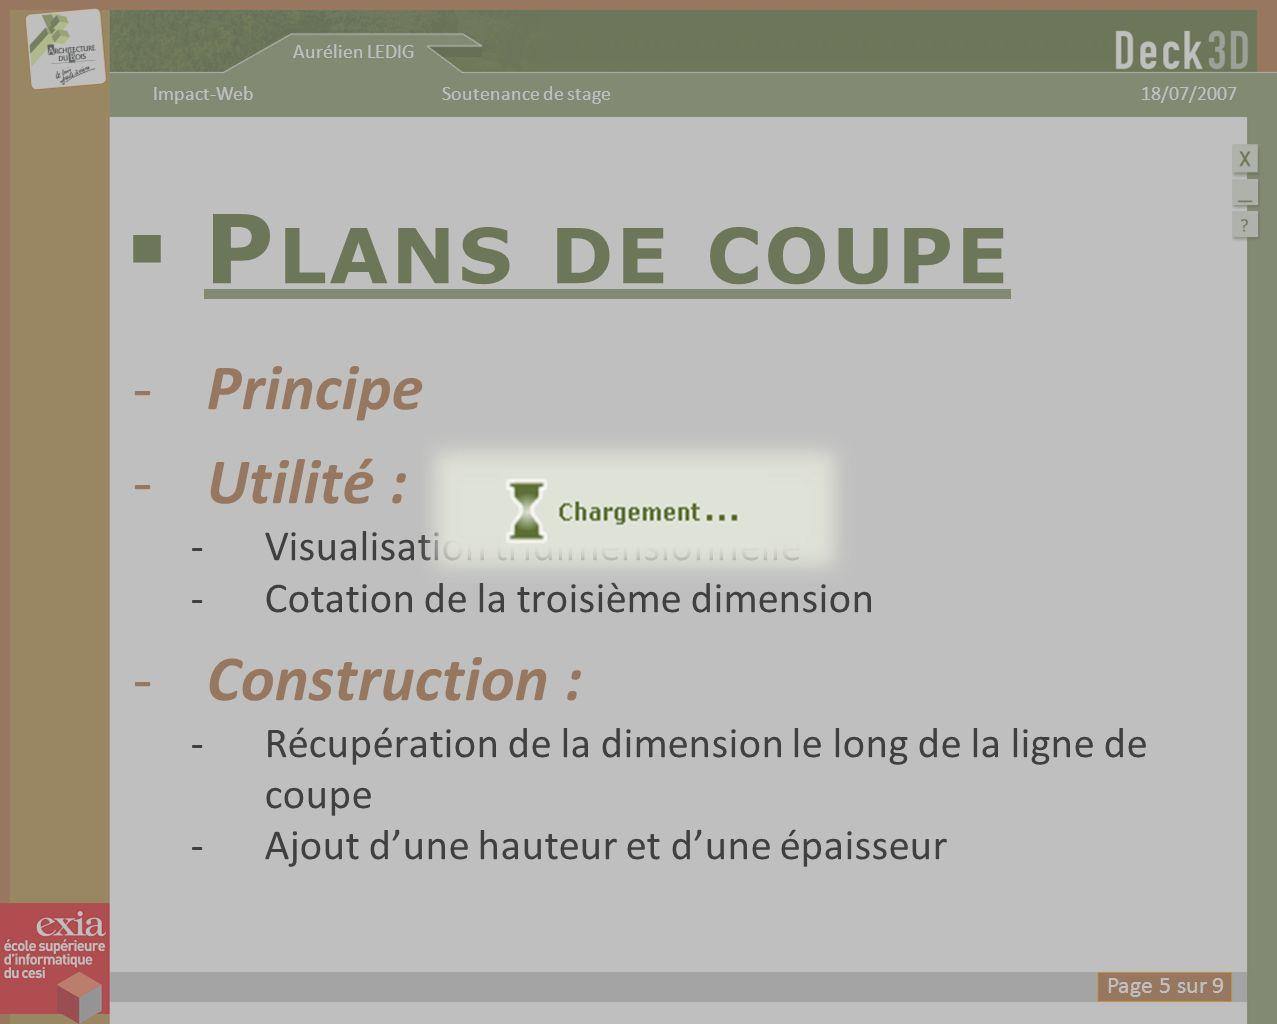 Aurélien LEDIG 18/07/2007Soutenance de stageImpact-Web P LANS DE COUPE -Principe -Utilité : -Visualisation tridimensionnelle -Cotation de la troisième